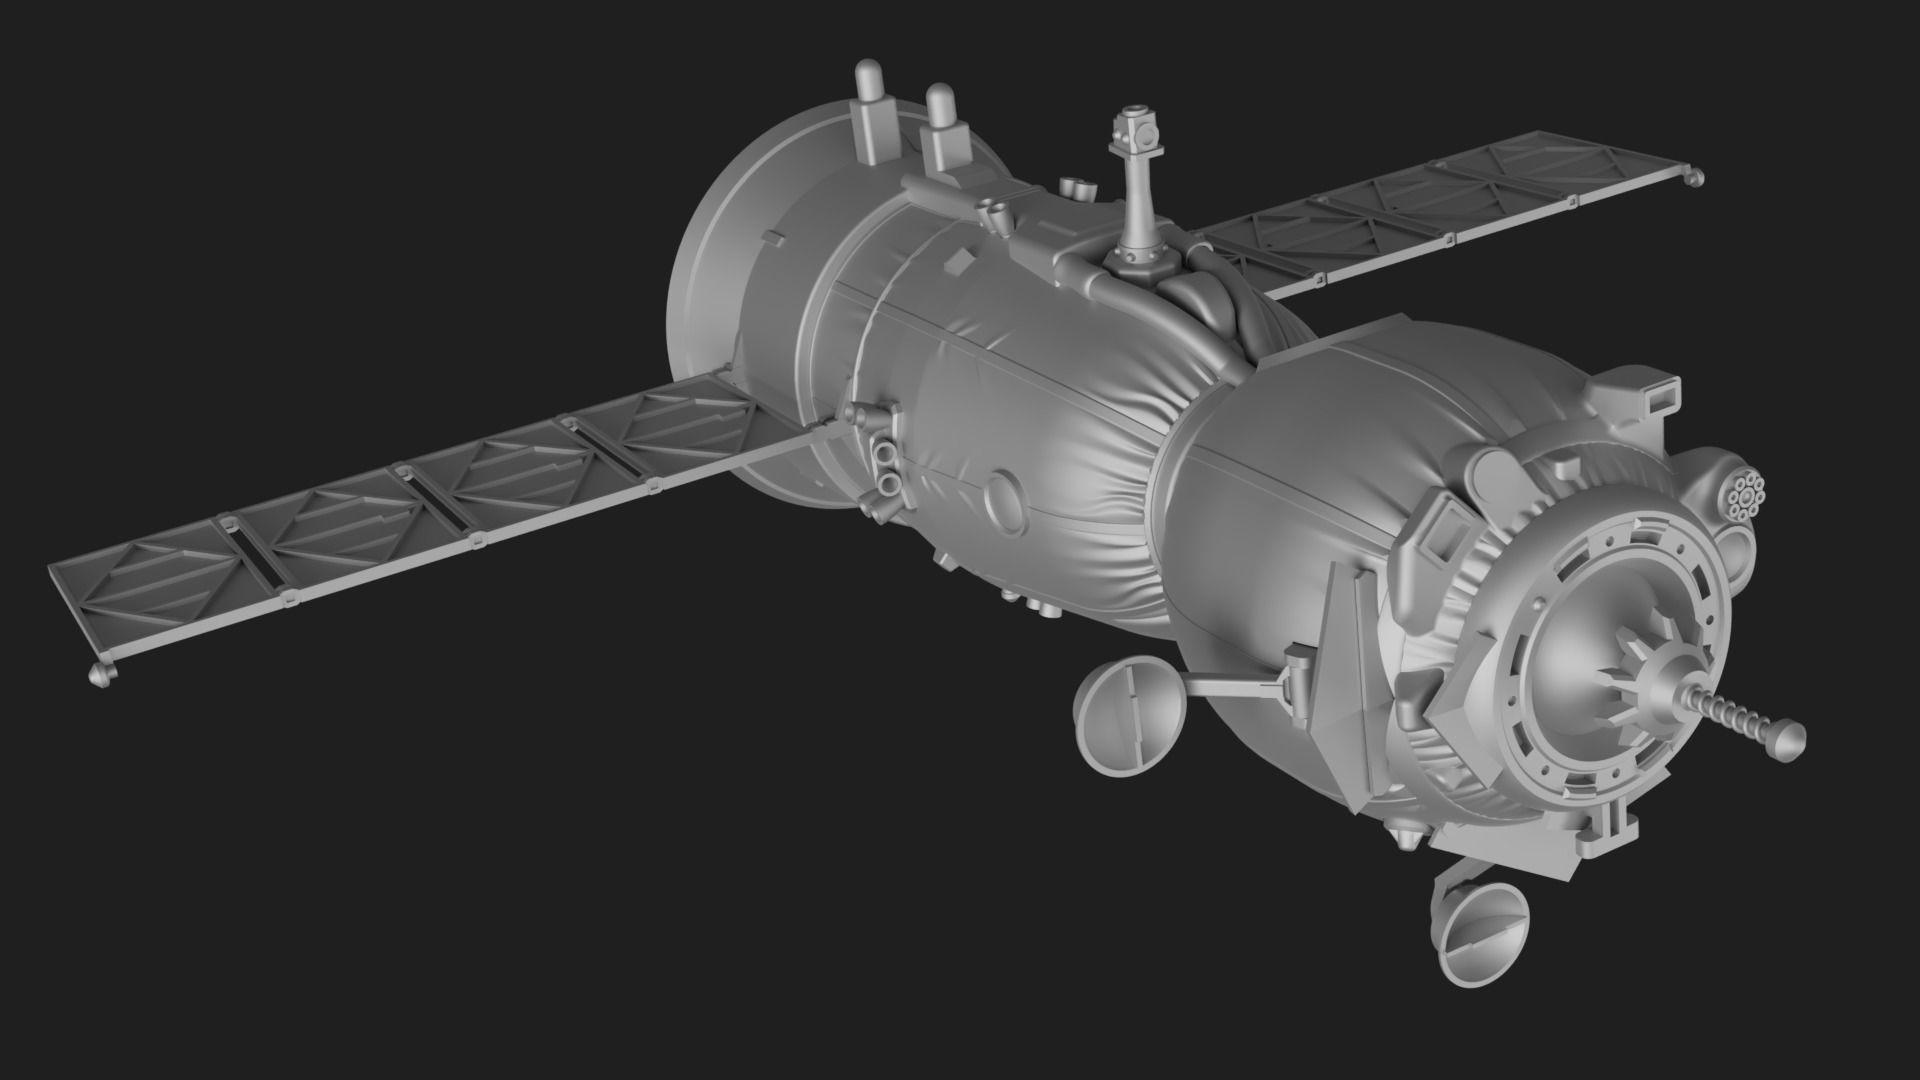 Soyuz MS Spacecraft